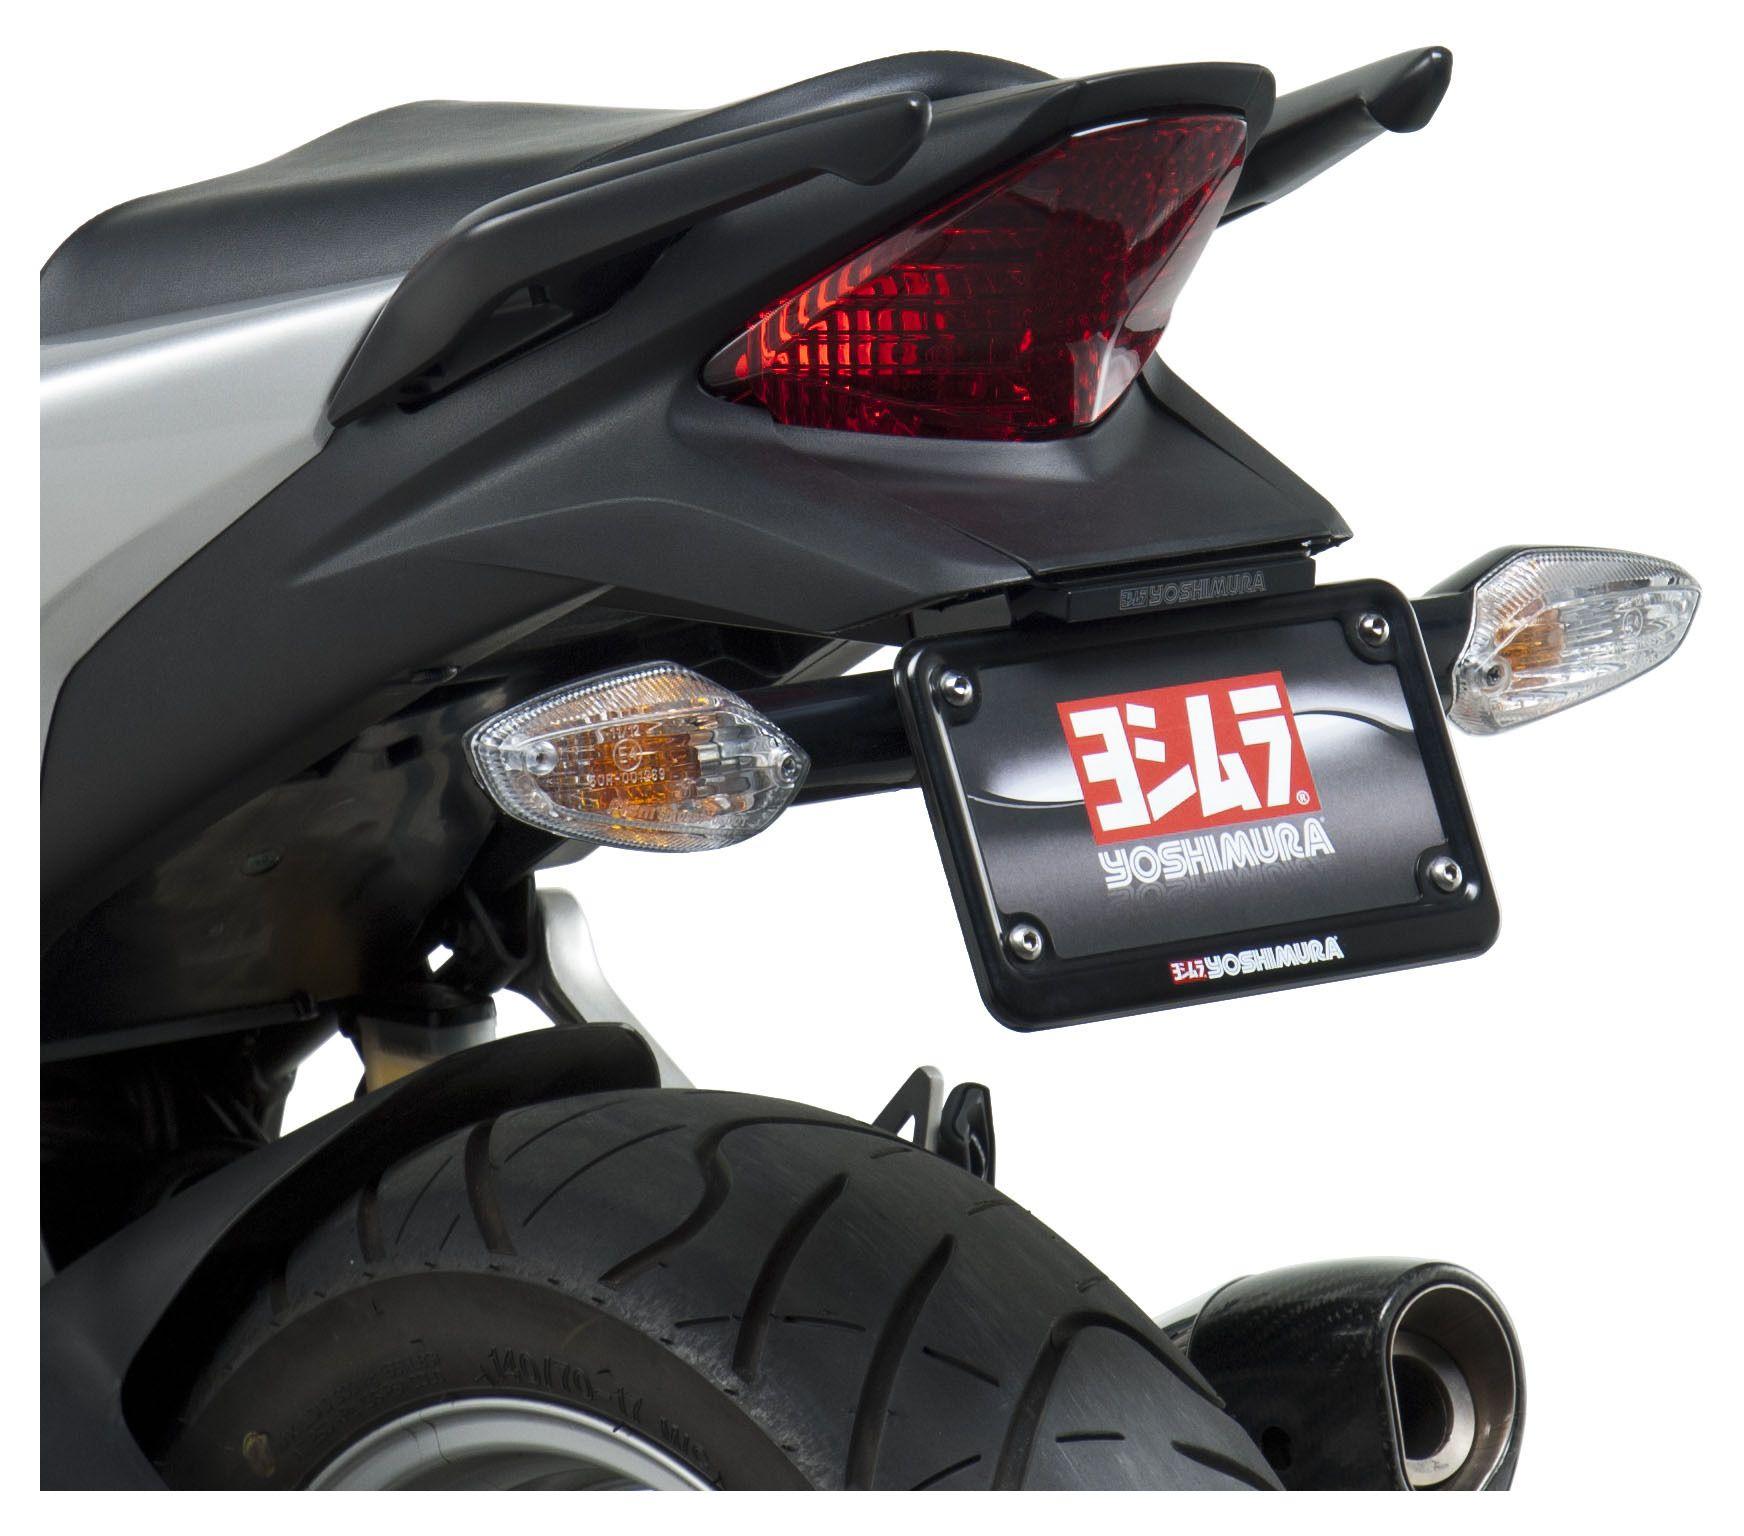 Yoshimura Fender Eliminator Kit Honda Cbr300r Cb300f Cbr250r 2012 Cbr250ra Wiring Diagram 10 1490 Off Revzilla